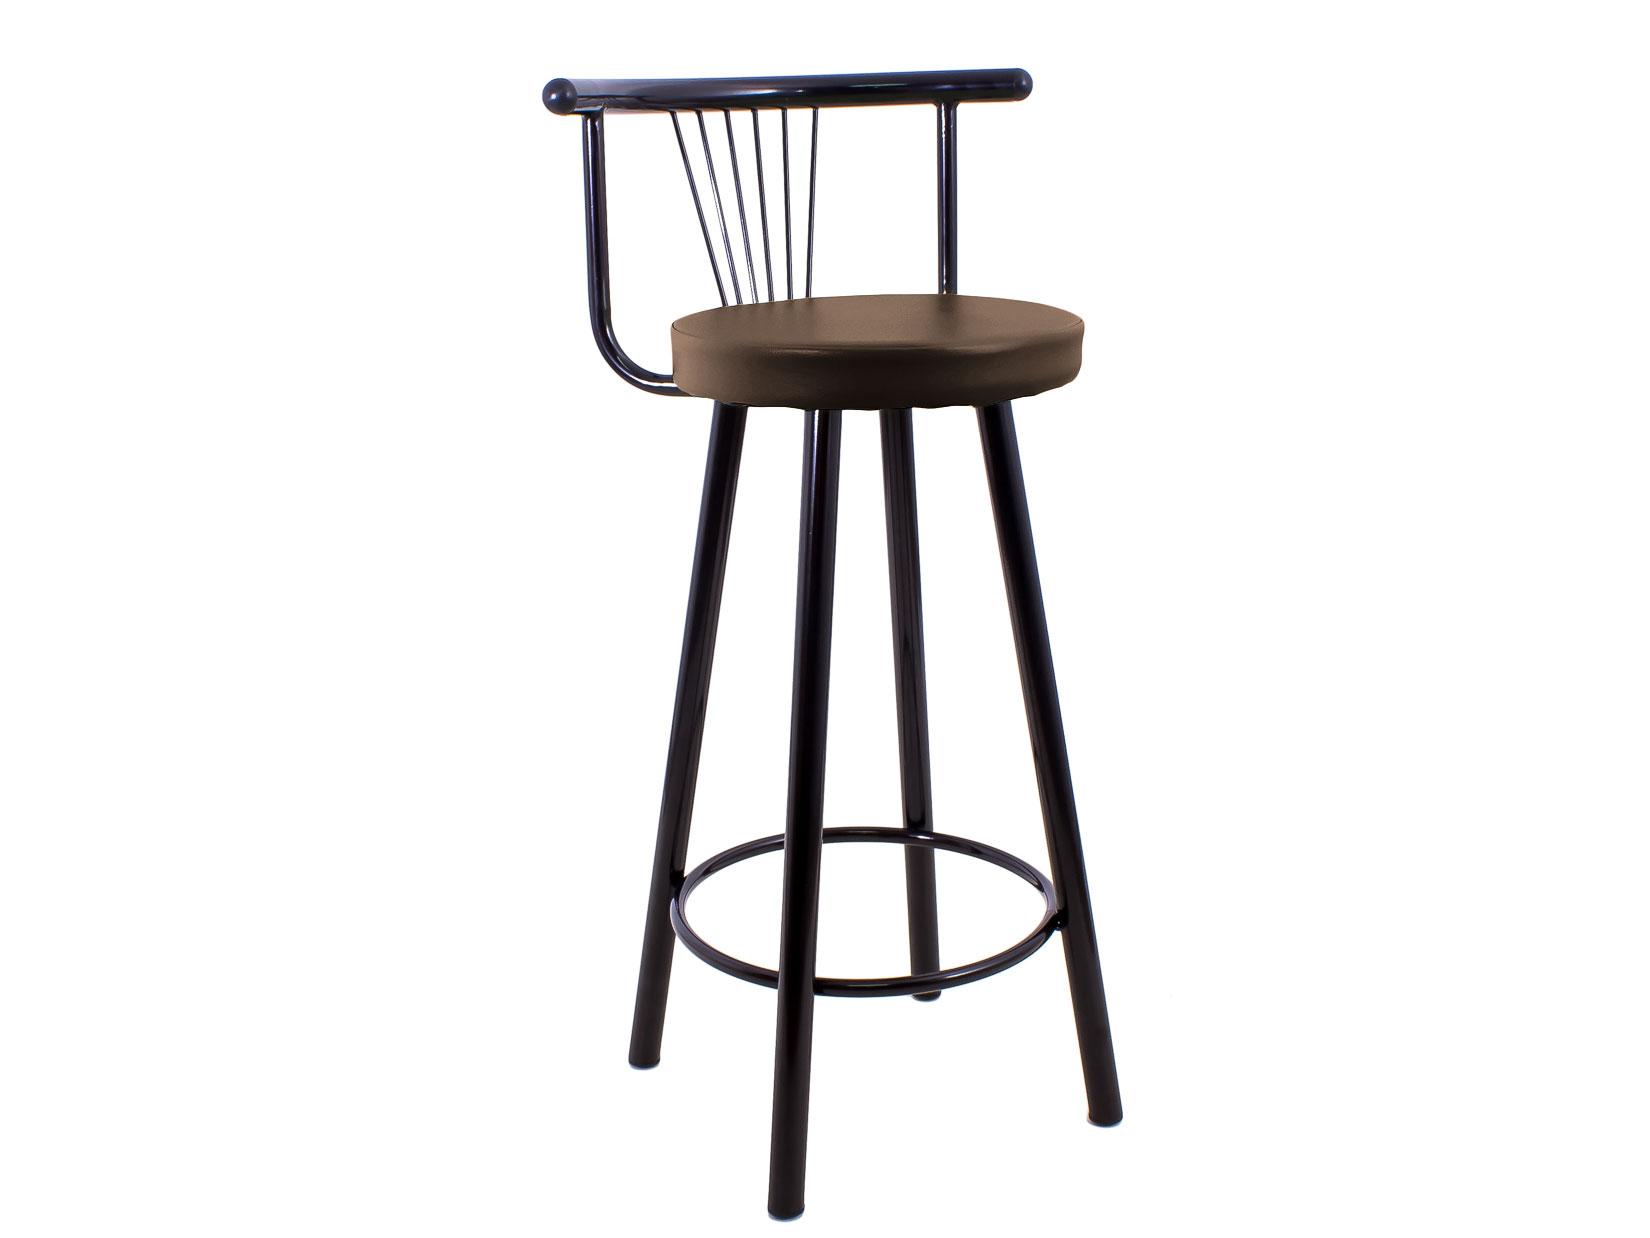 Мягкий барный стул для кухни 109-84494